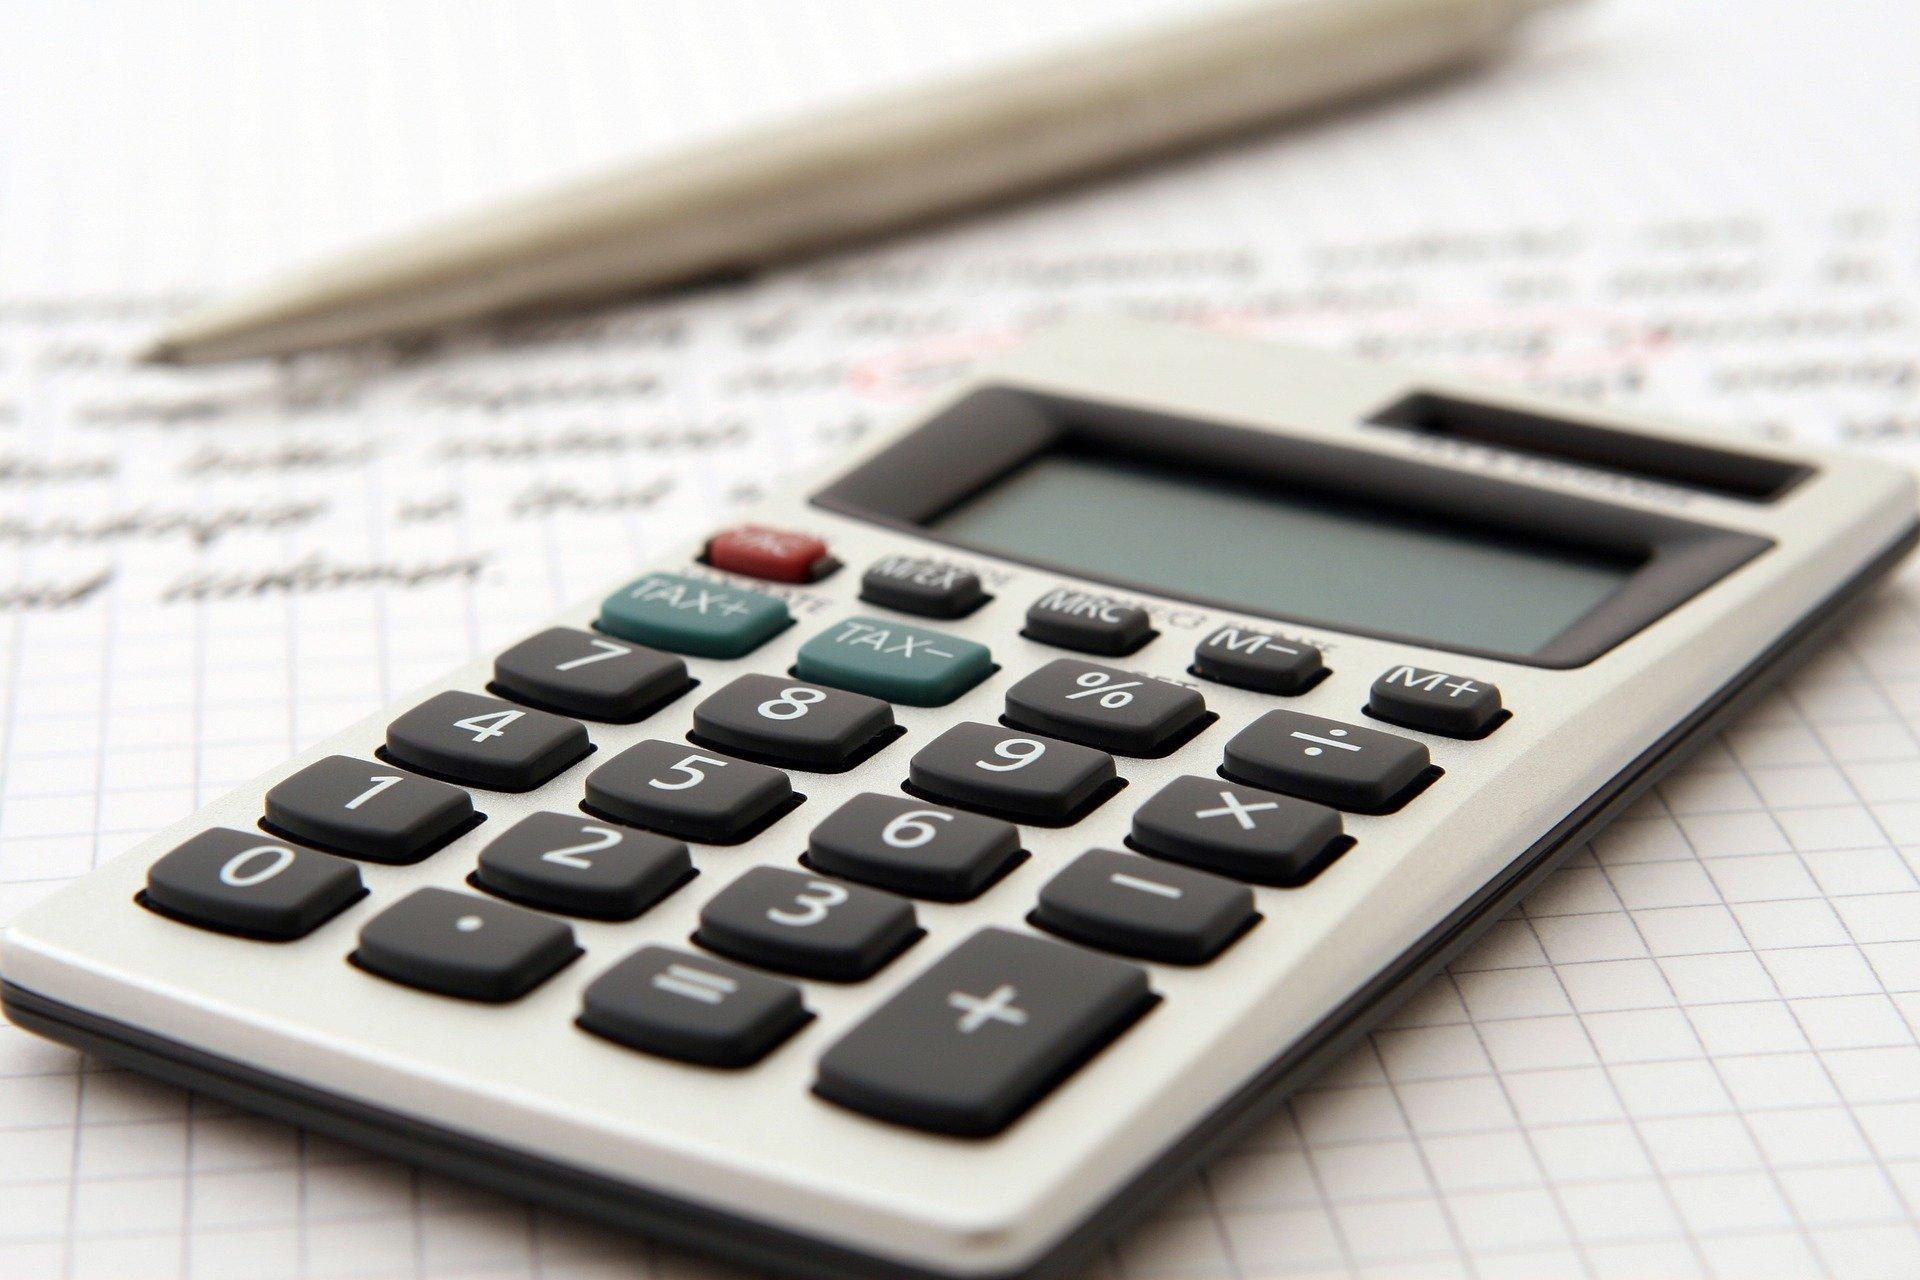 wzrost składki zdrowotnej a budżet - grafika wpisu